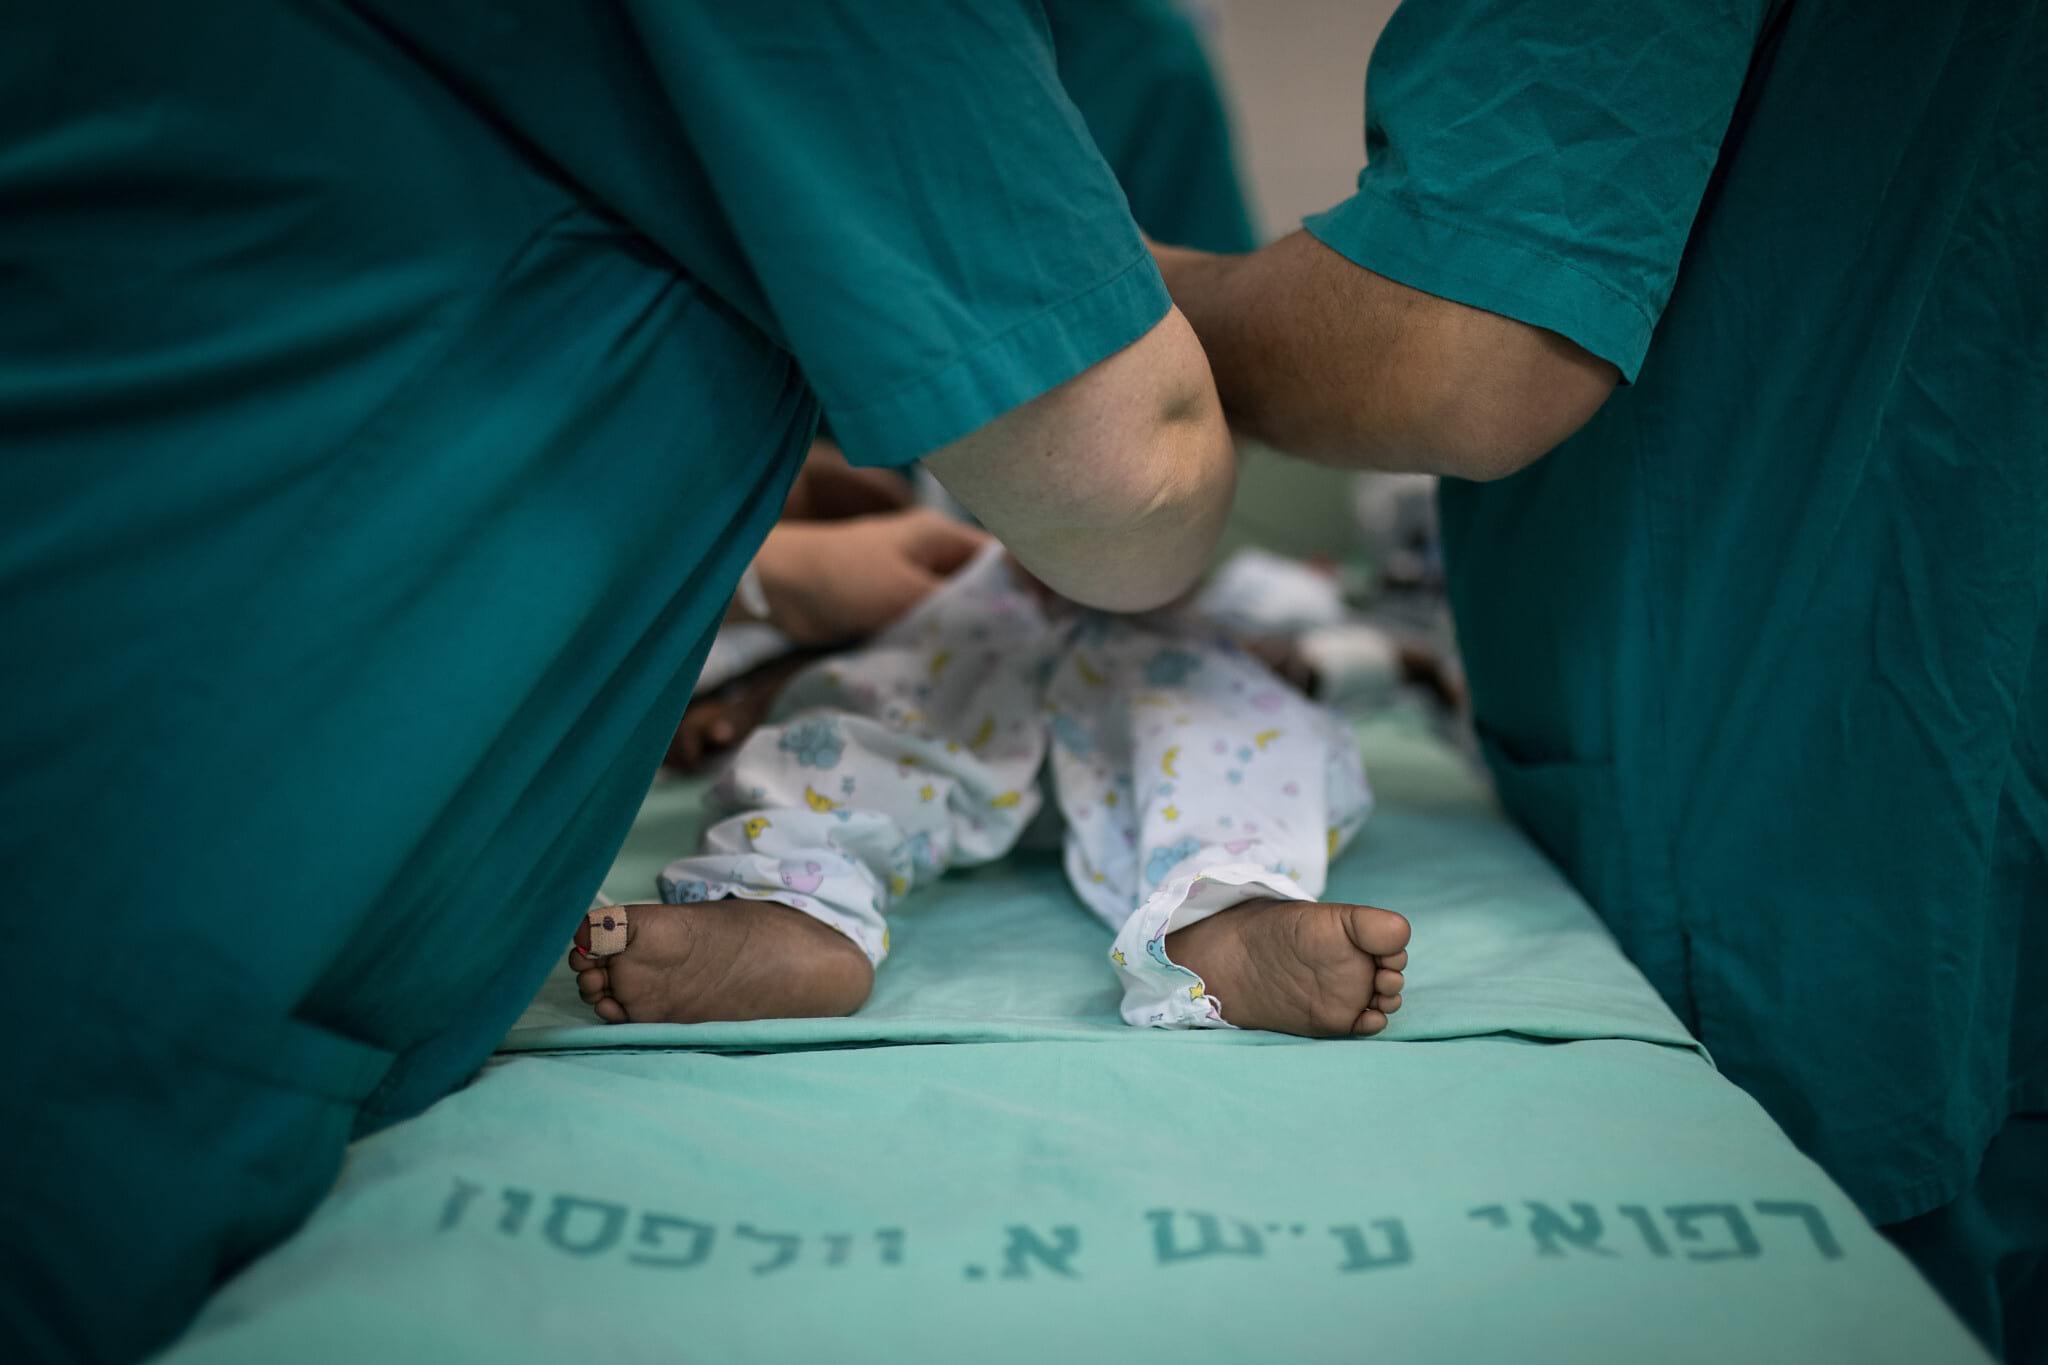 Izrailskie vrachi osmatrivayut novorozhdennogo rebenka